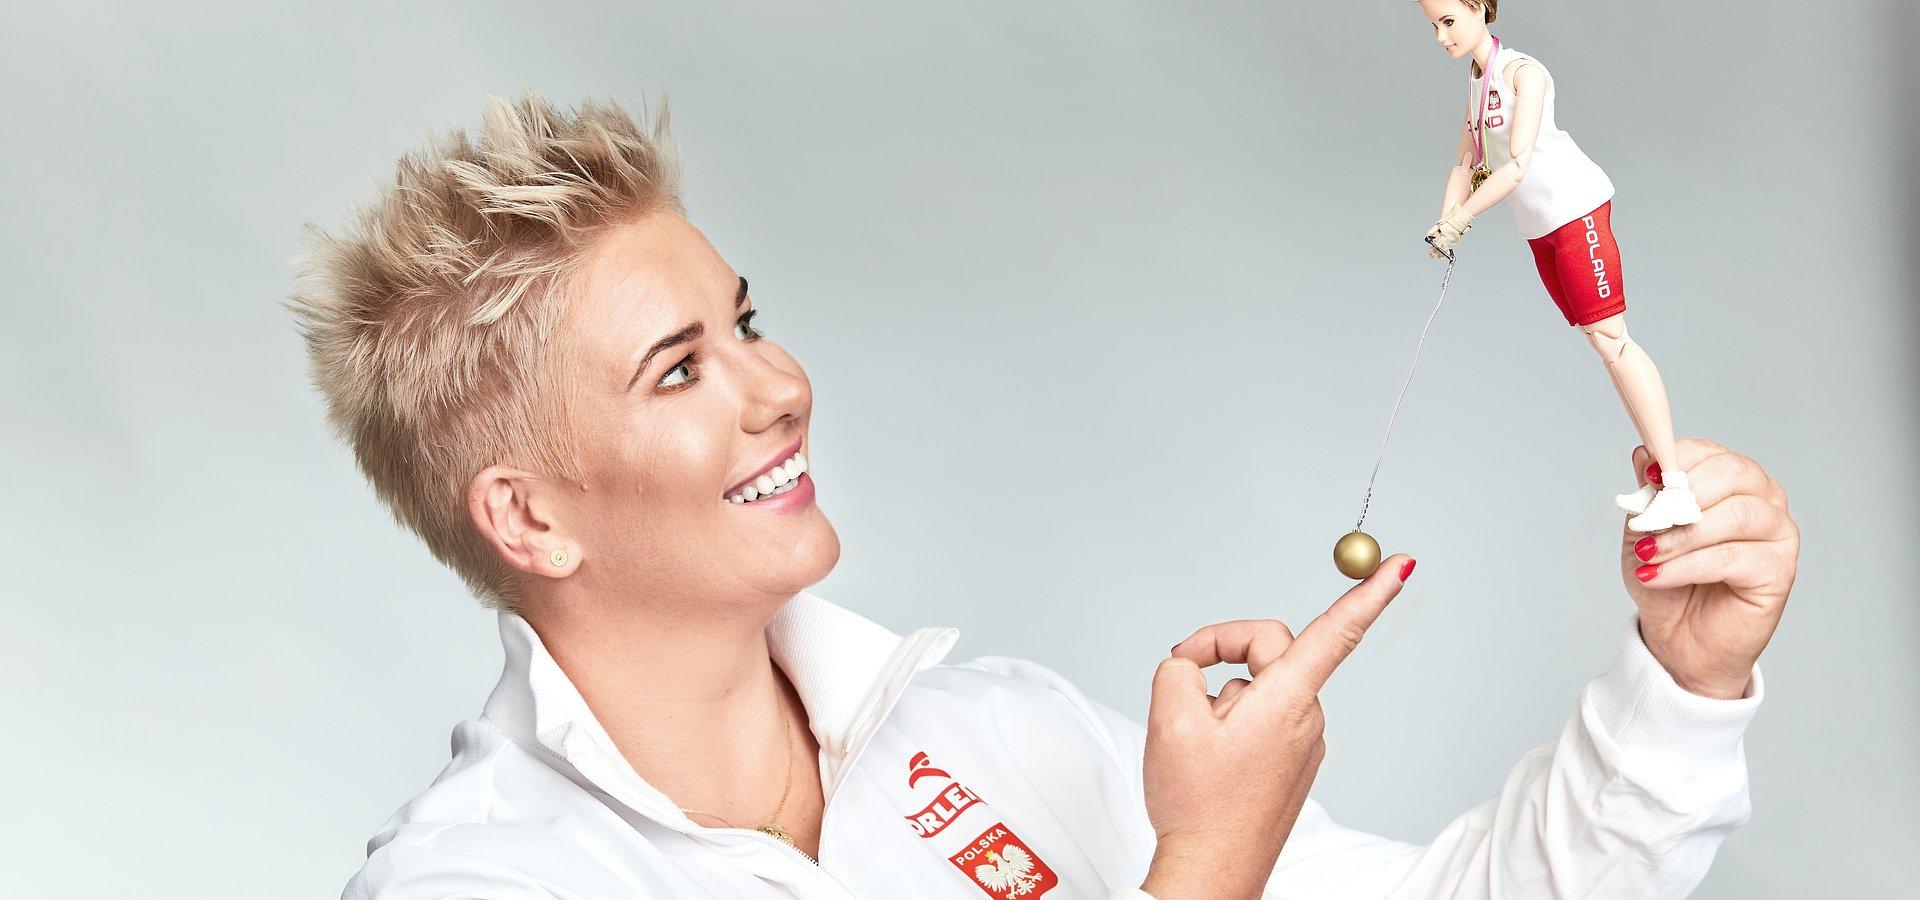 Polska lekkoatletka w gronie najbardziej inspirujących kobiet świata